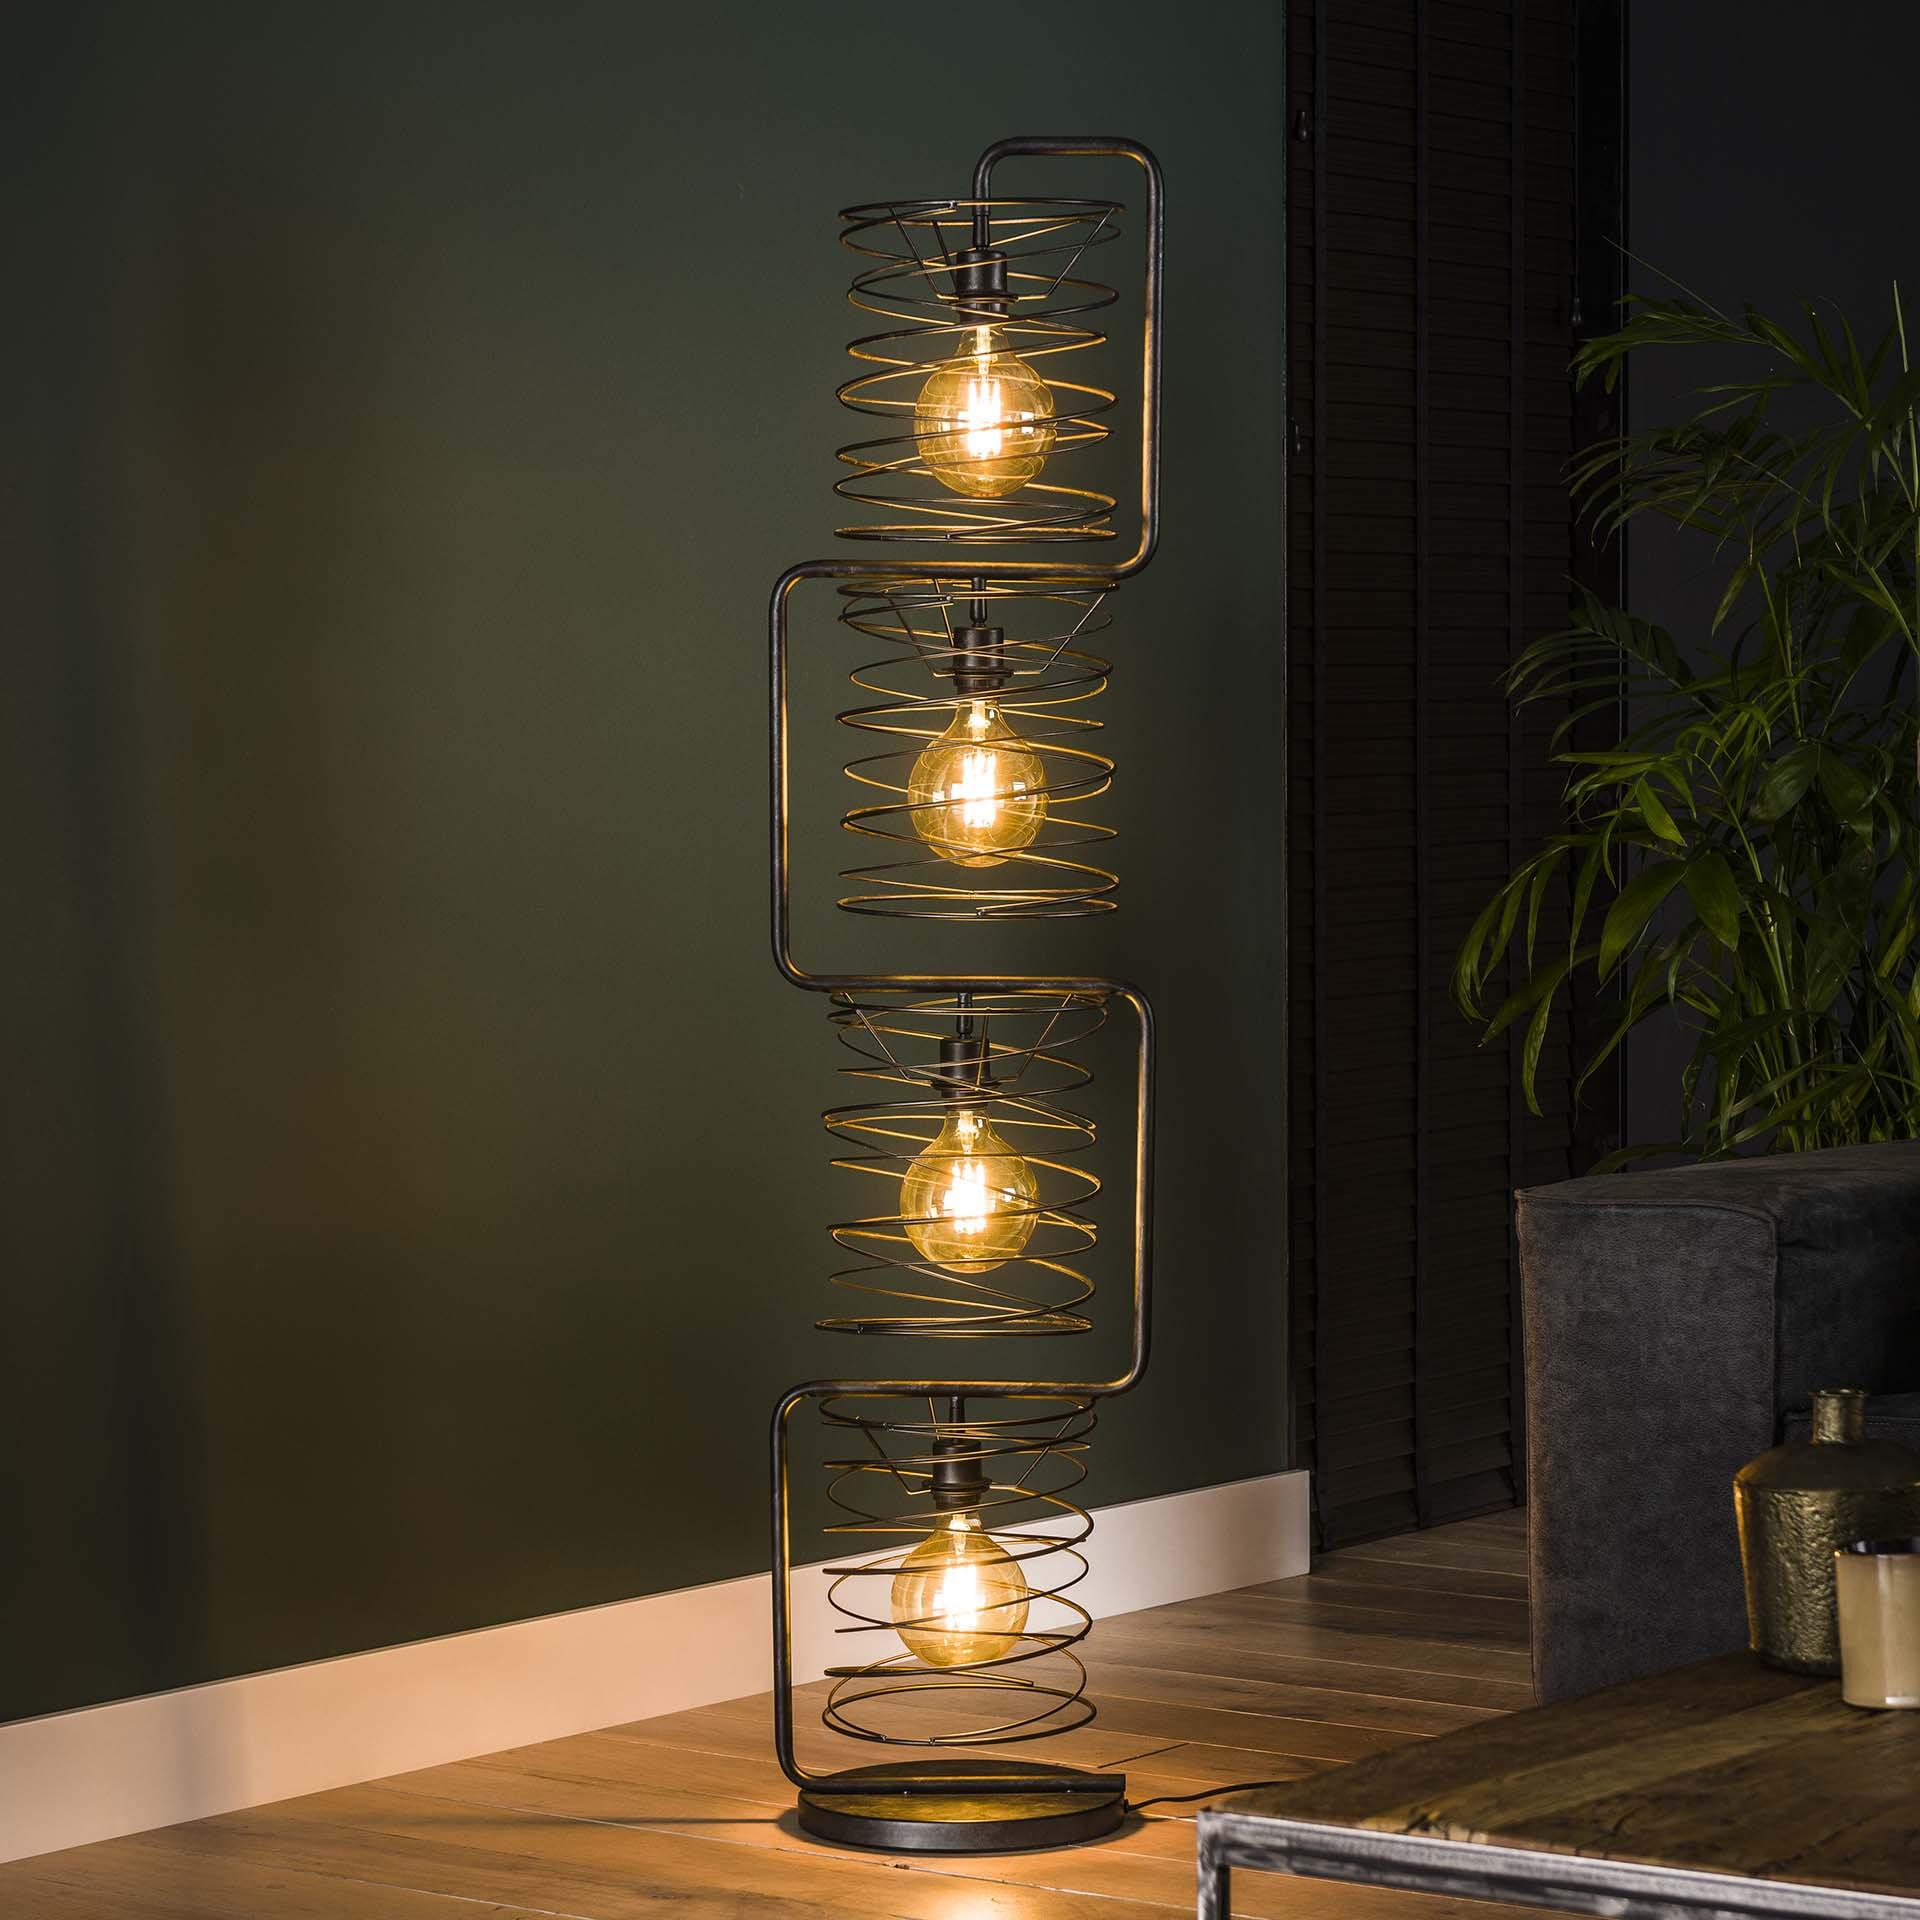 Vloerlamp 'Gwendolyn' 4-lamps, Ø25cm, kleur Charcoal